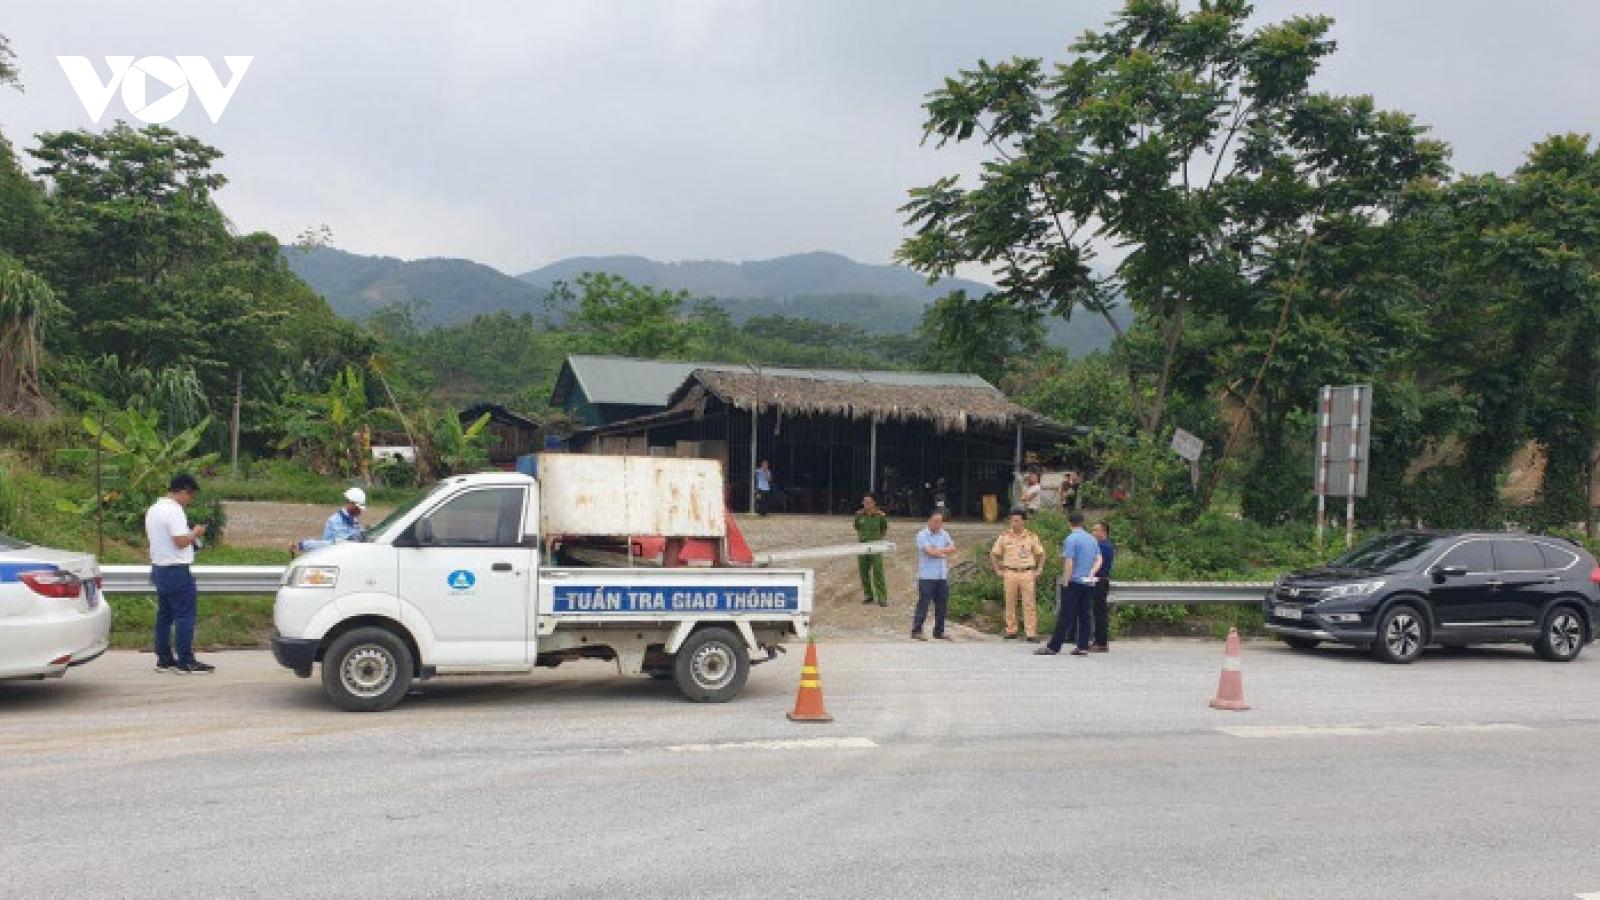 """Cao tốc Nội Bài - Lào Cai bị """"băm nát"""" hàng rào bảo vệ vì quán cơm ven đường"""